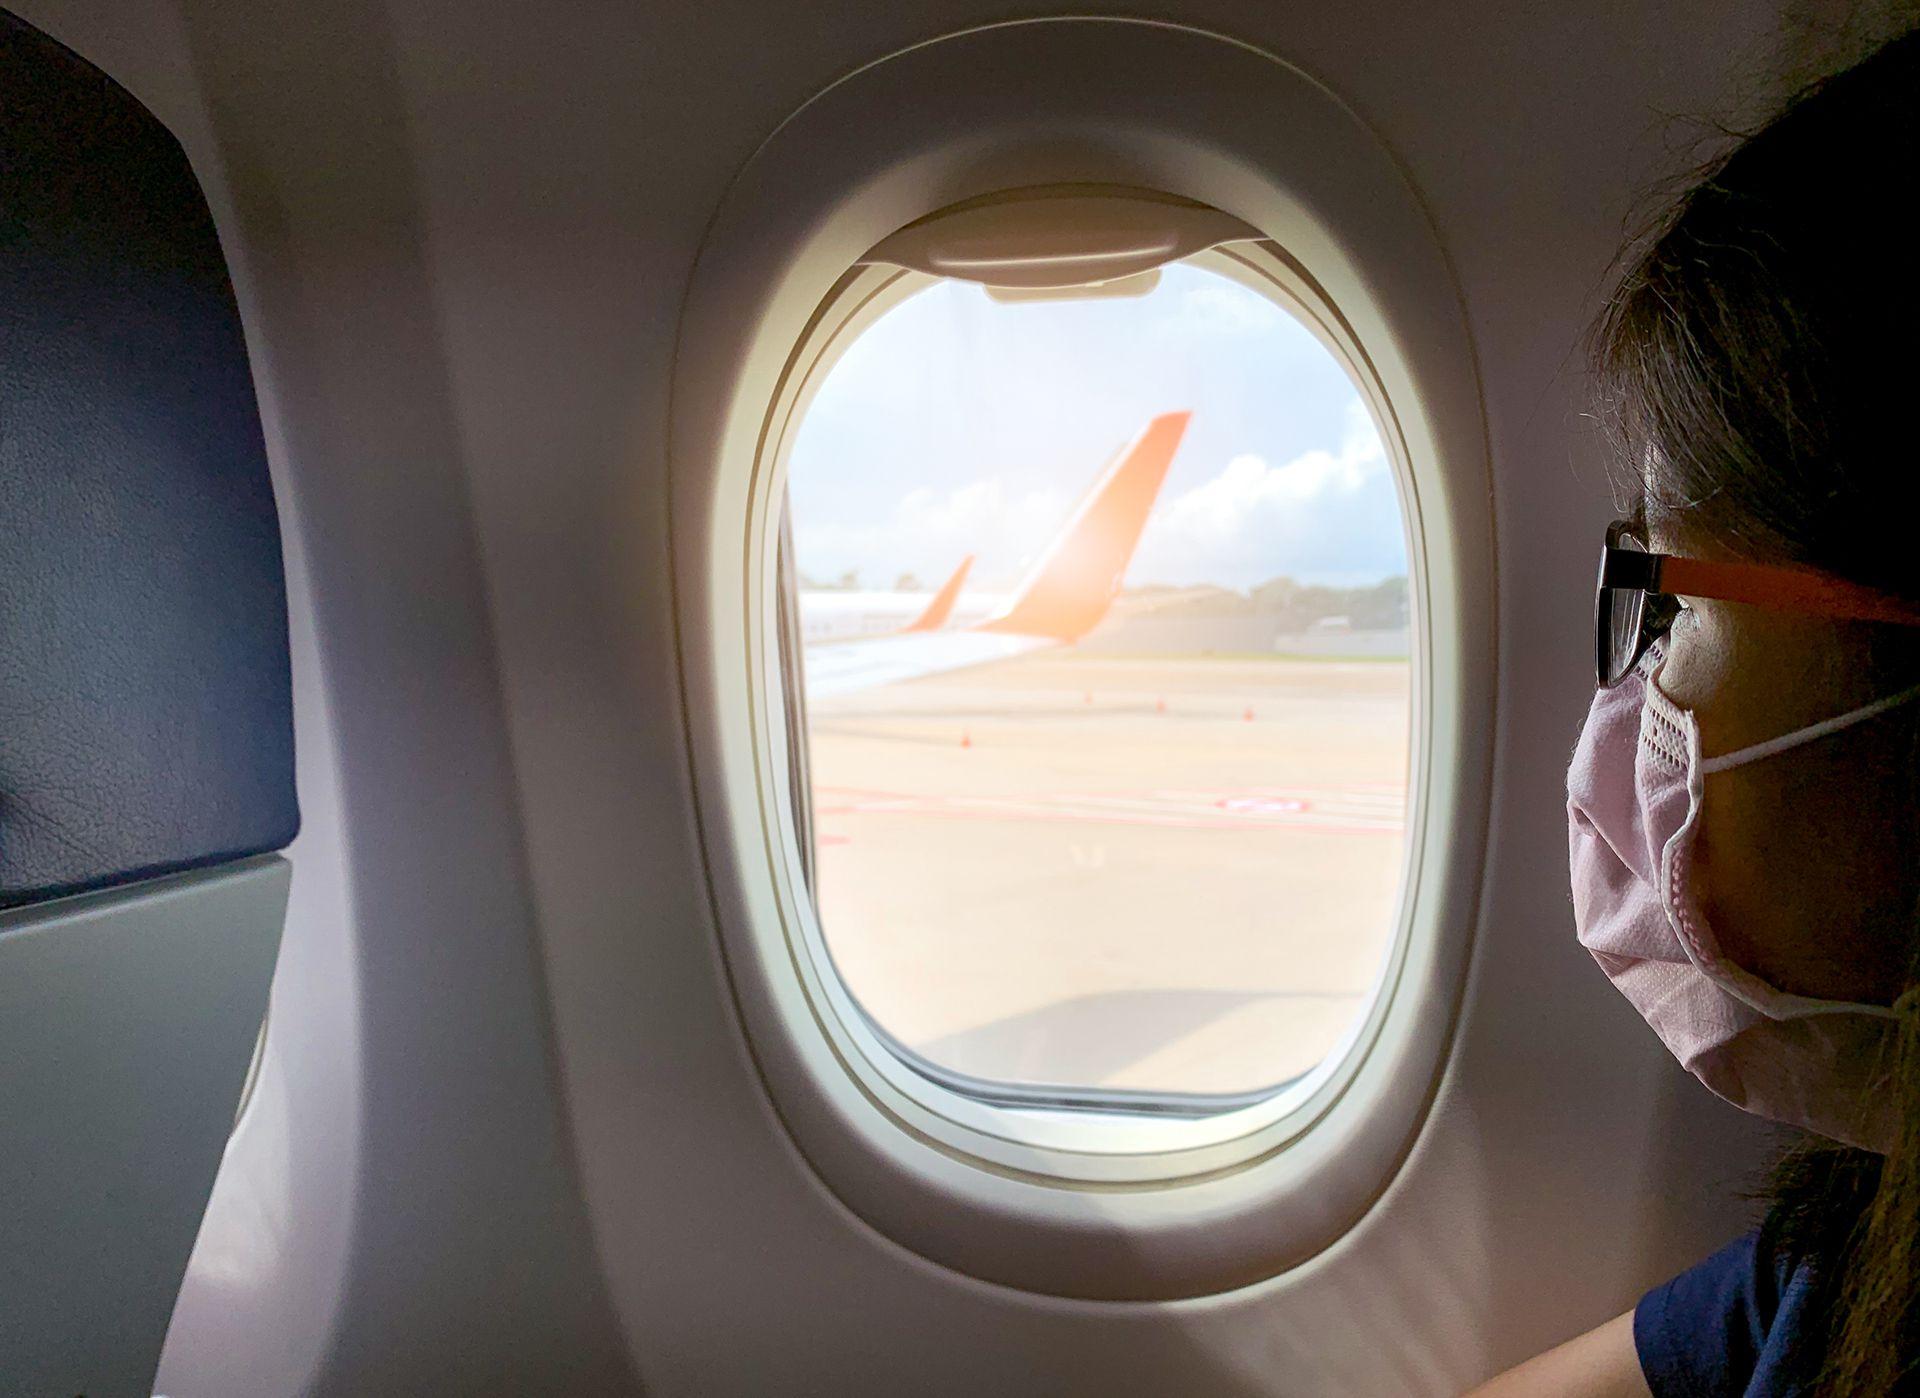 La mayoría de los aviones comerciales de pasajeros traen aire exterior en una dirección de arriba hacia abajo entre 20 a 30 veces por hora (Shutterstock)